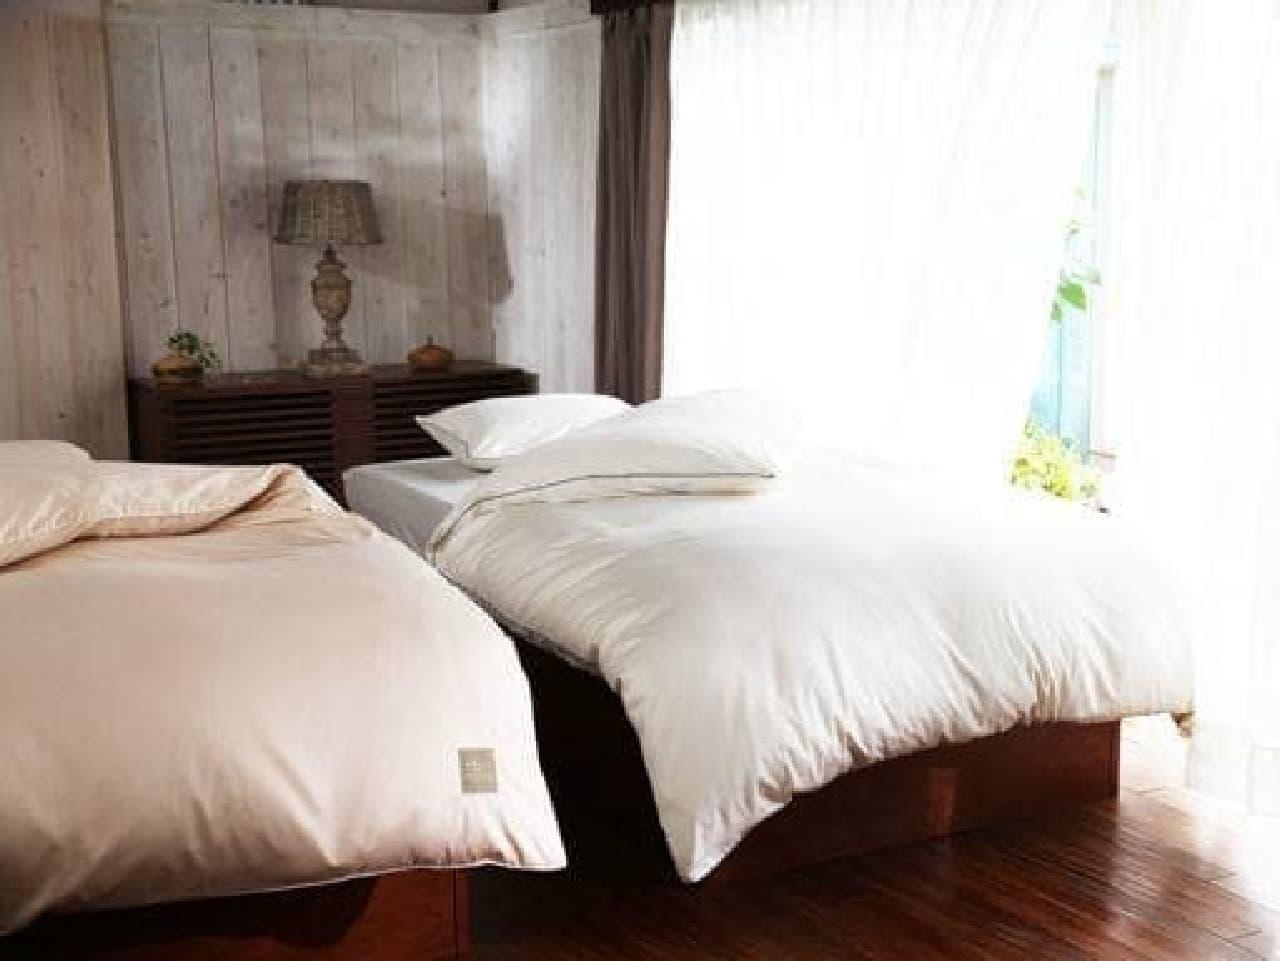 寝具には湿気がたっぷり